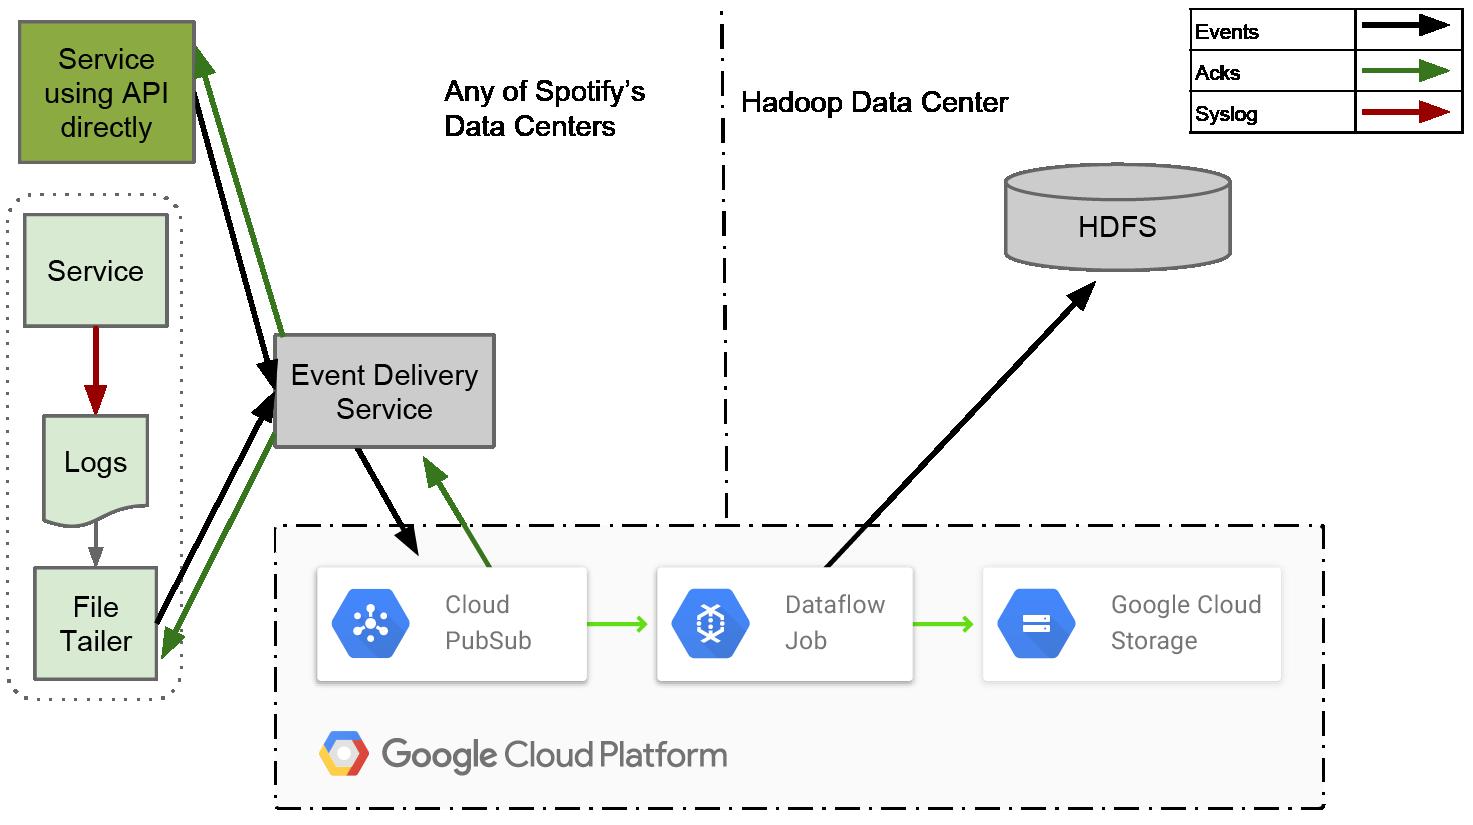 Spotify: миграция подсистемы событий в Google Cloud (часть 2)